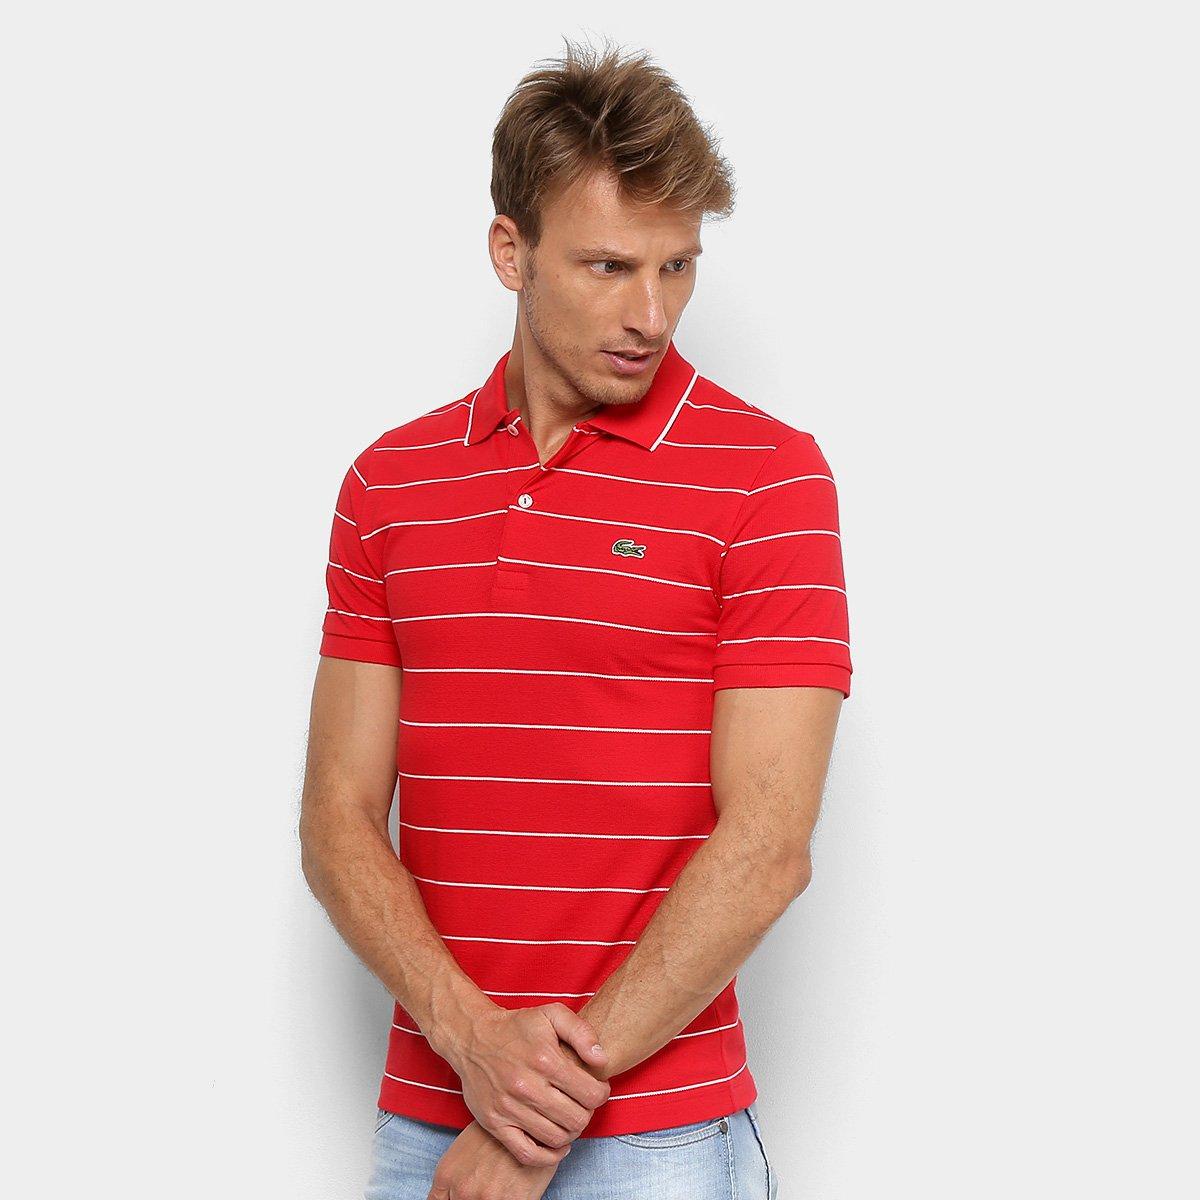 fa10a789b0aa8 Camisas Polo   Livelo -Sua Vida com Mais Recompensas